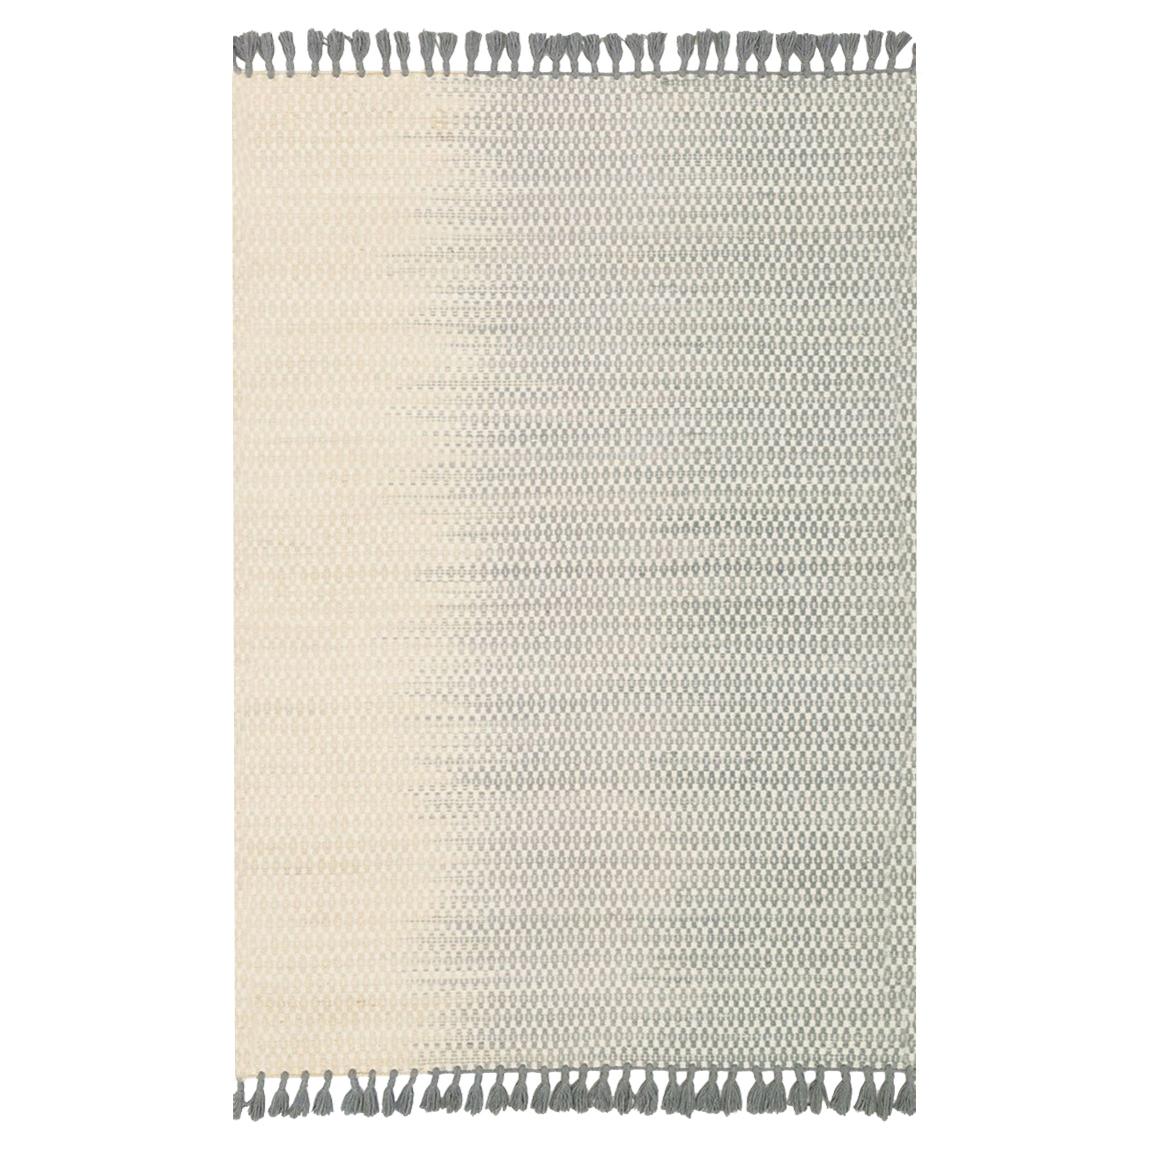 Ombre Bazaar Fade Ivory Grey Wool Rug - 2'3x3'9